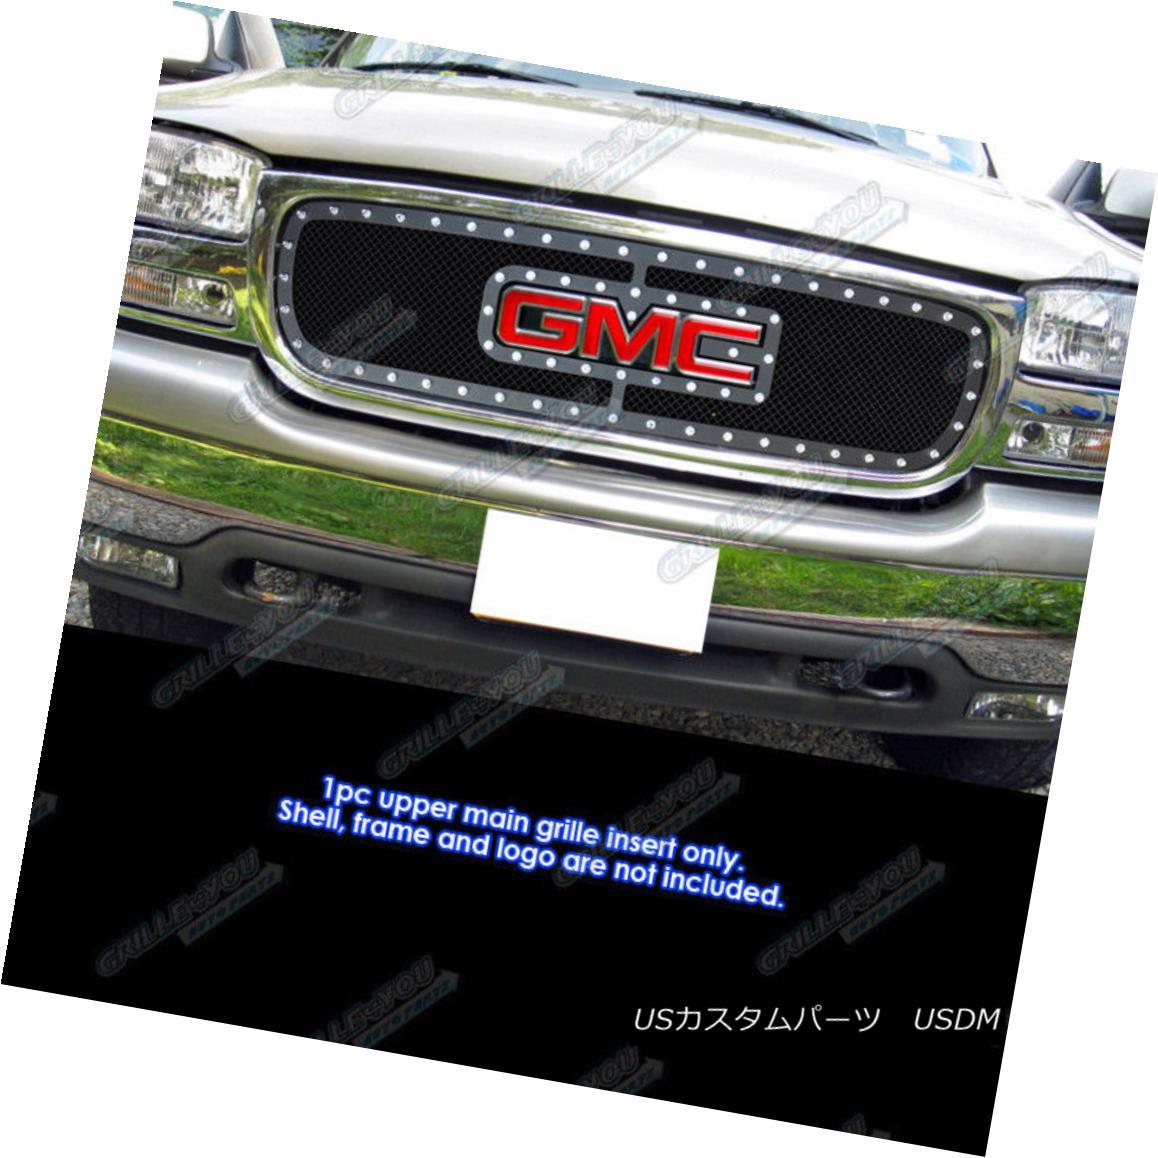 グリル For 1999-2000 GMC Sierra 1500 W/Logo Show Stainless Black Rivet Grille Inserts 1999-2000 GMC Sierra 1500 W / Logoショーステンレスブラックリベットグリルインサート